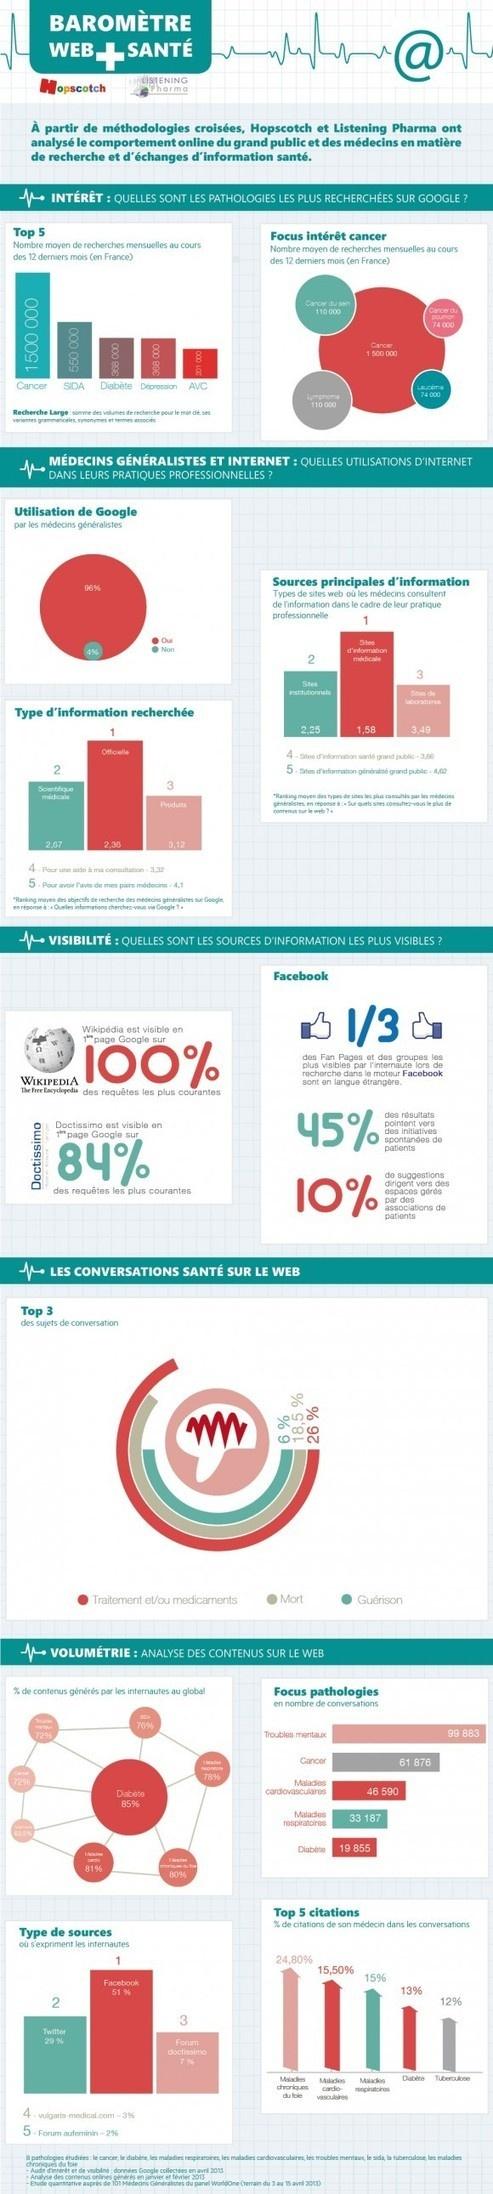 Baromètre Web et santé 2013